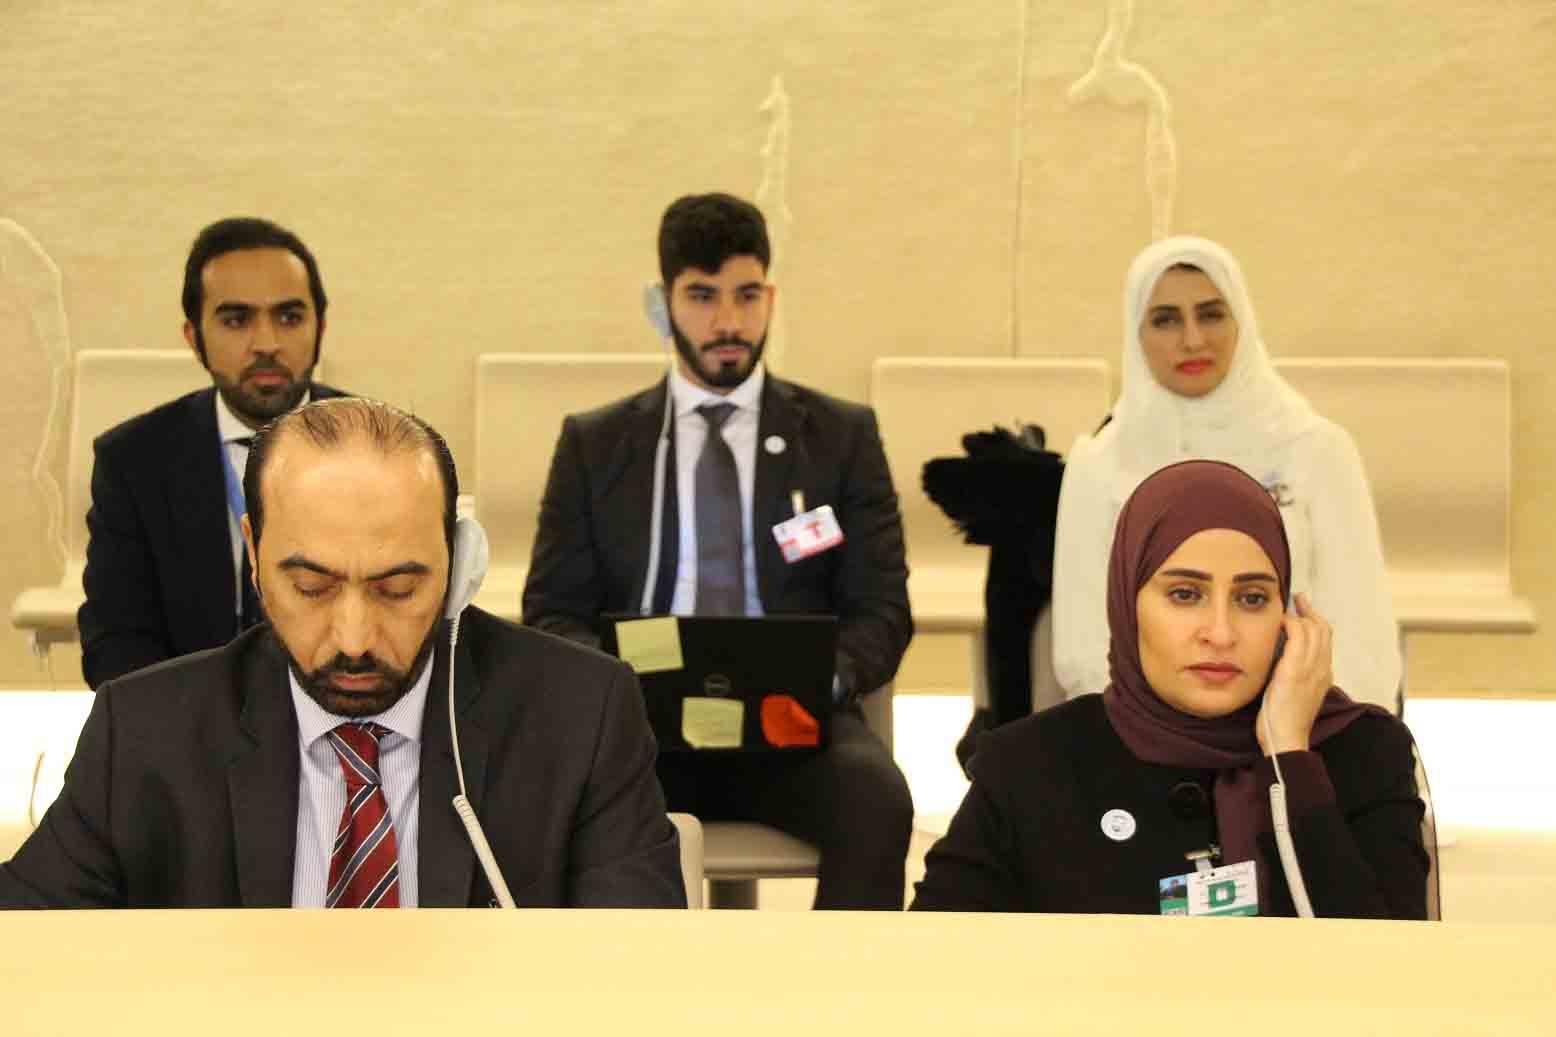 الإمارات تقدم تقريرها الوطني الثالث في إطار الاستعراض الدوري الشامل لحقوق الإنسان في جنيف 1